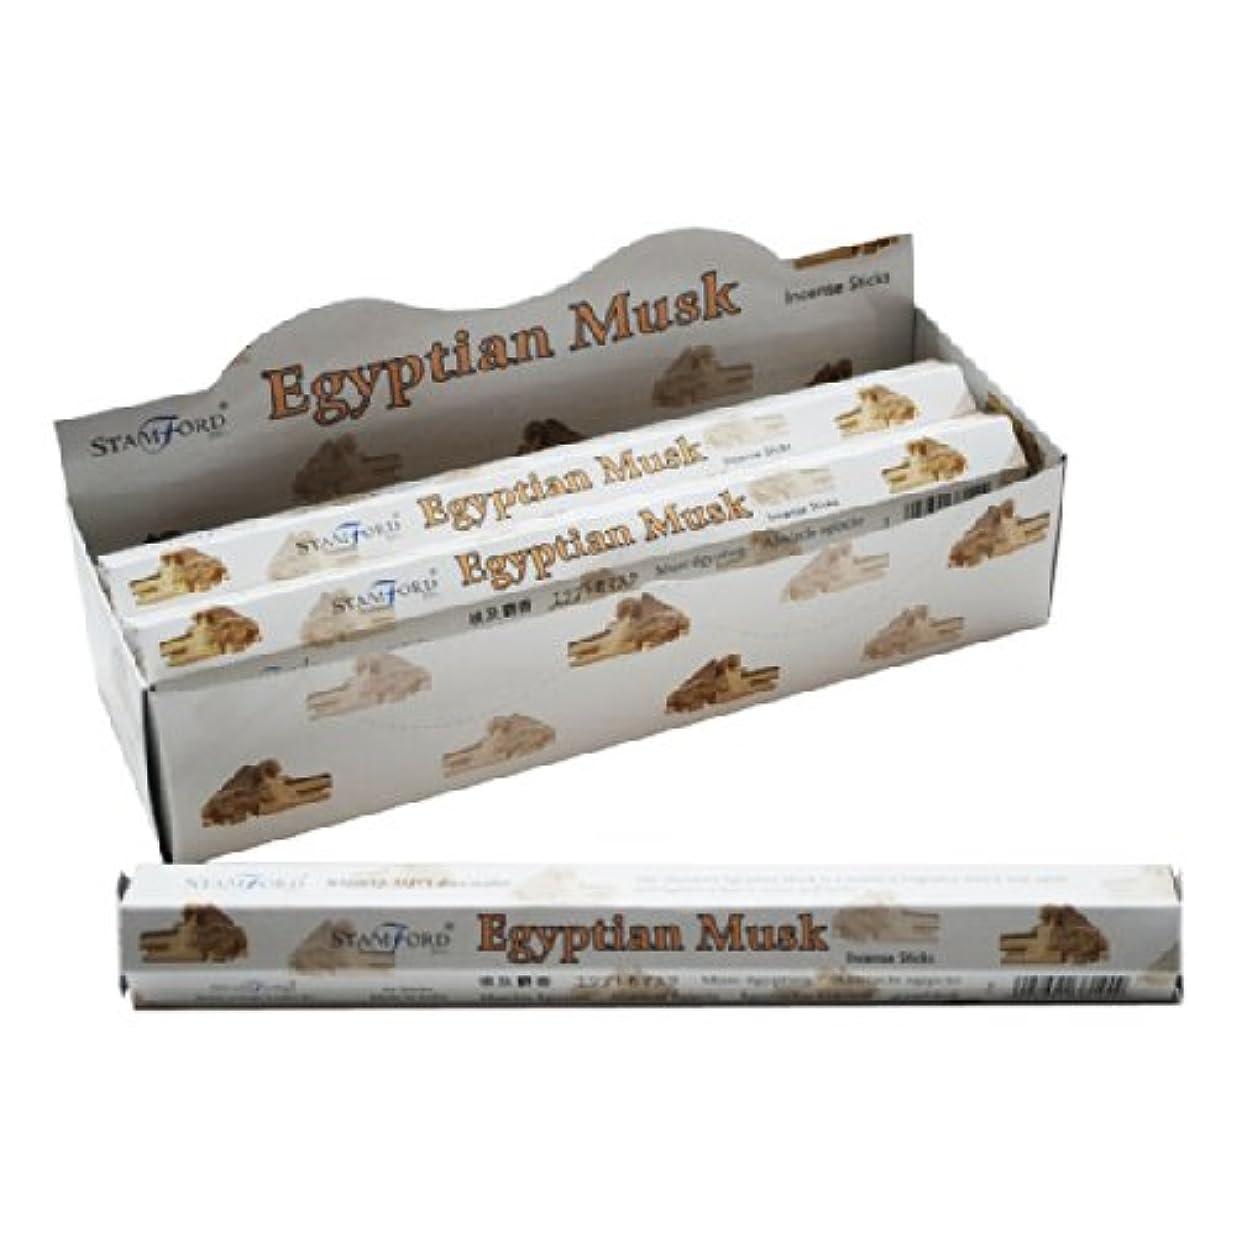 冒険家とらえどころのない配管6 Packs Of Elements Egyptian Musk Incense Sticks